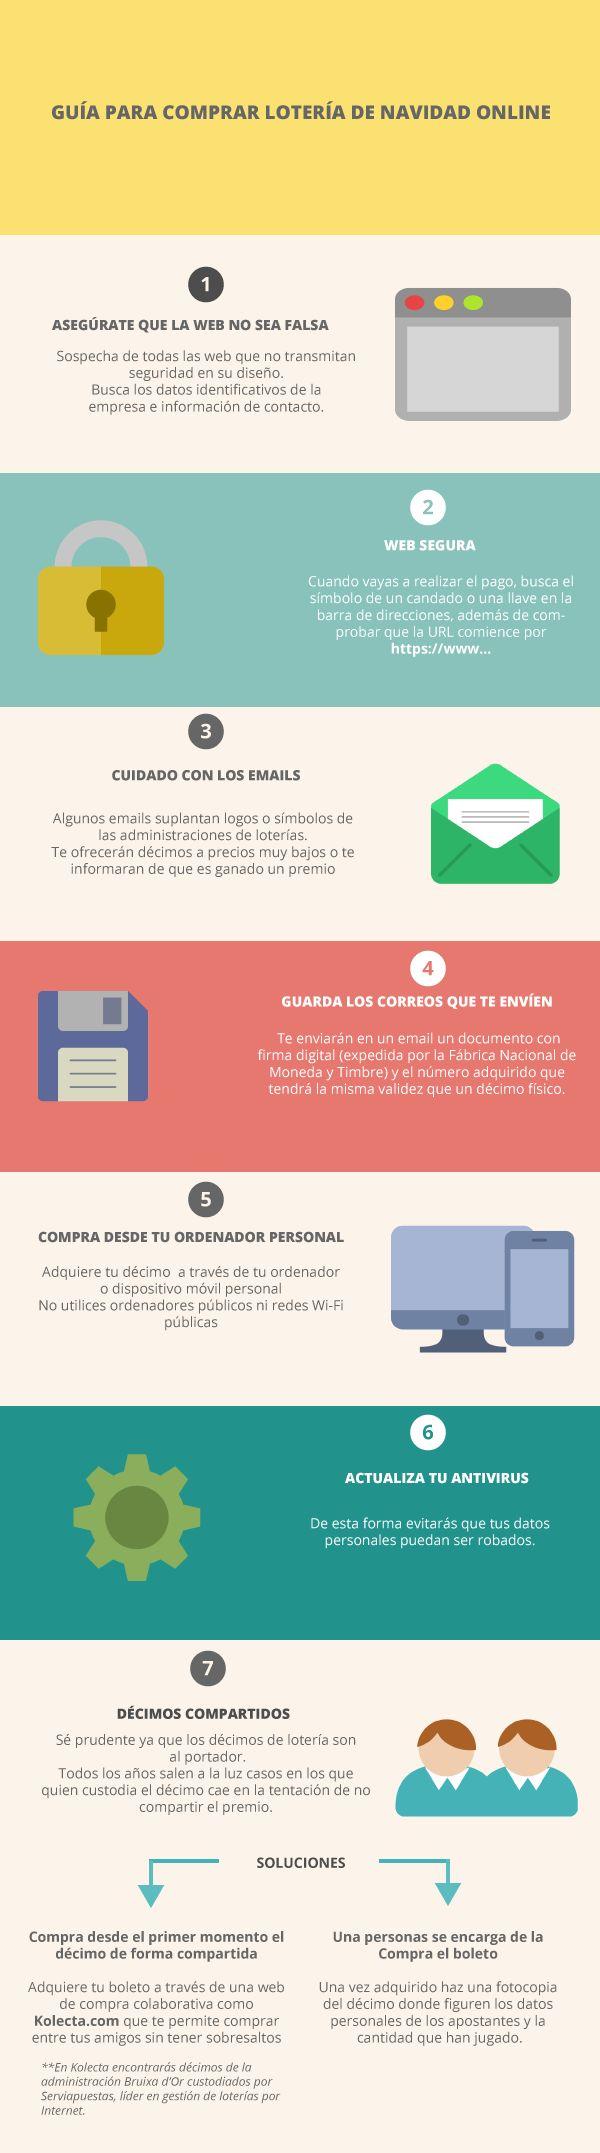 7 Consejos para comprar lotería de Navidad por Internet #infografía